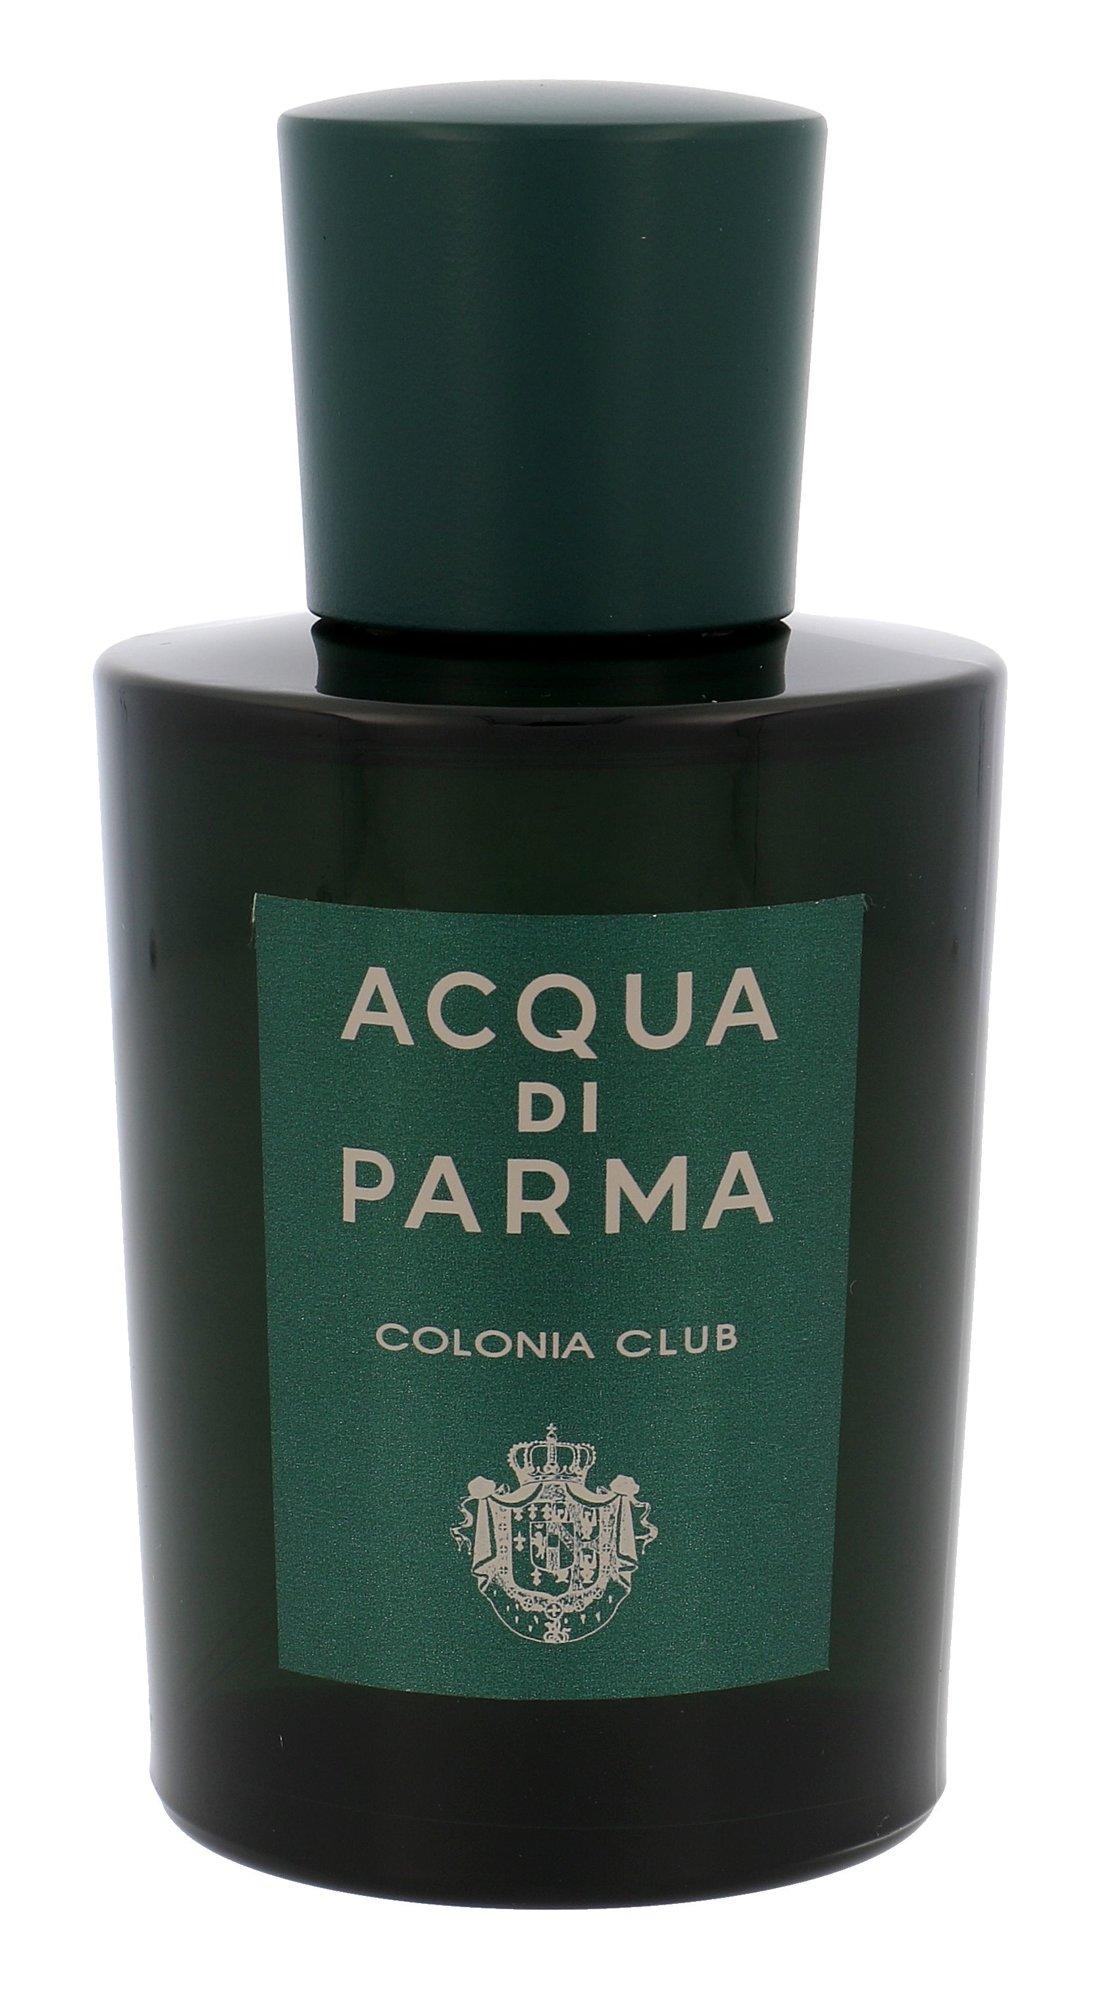 Acqua di Parma Colonia Club Cologne 100ml